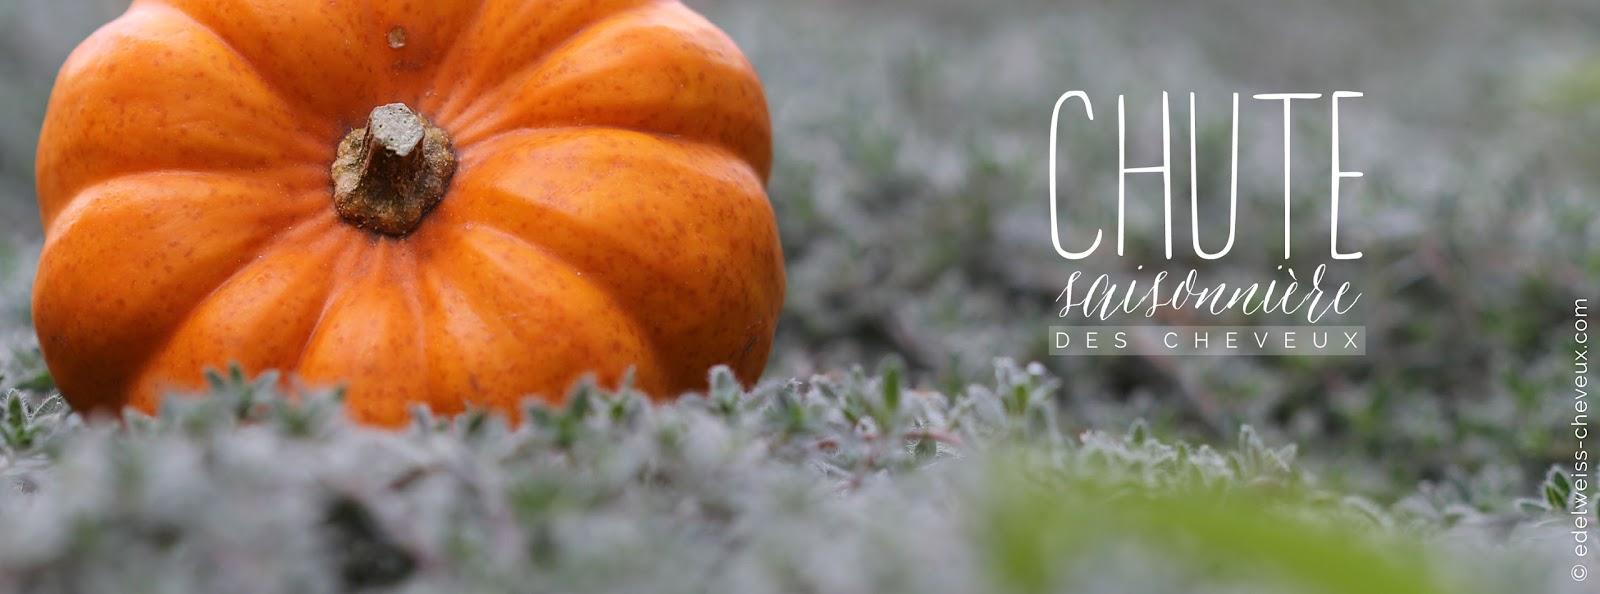 journal capillaire d 39 edelweiss chute saisonni re des cheveux astuces et rem des naturels. Black Bedroom Furniture Sets. Home Design Ideas